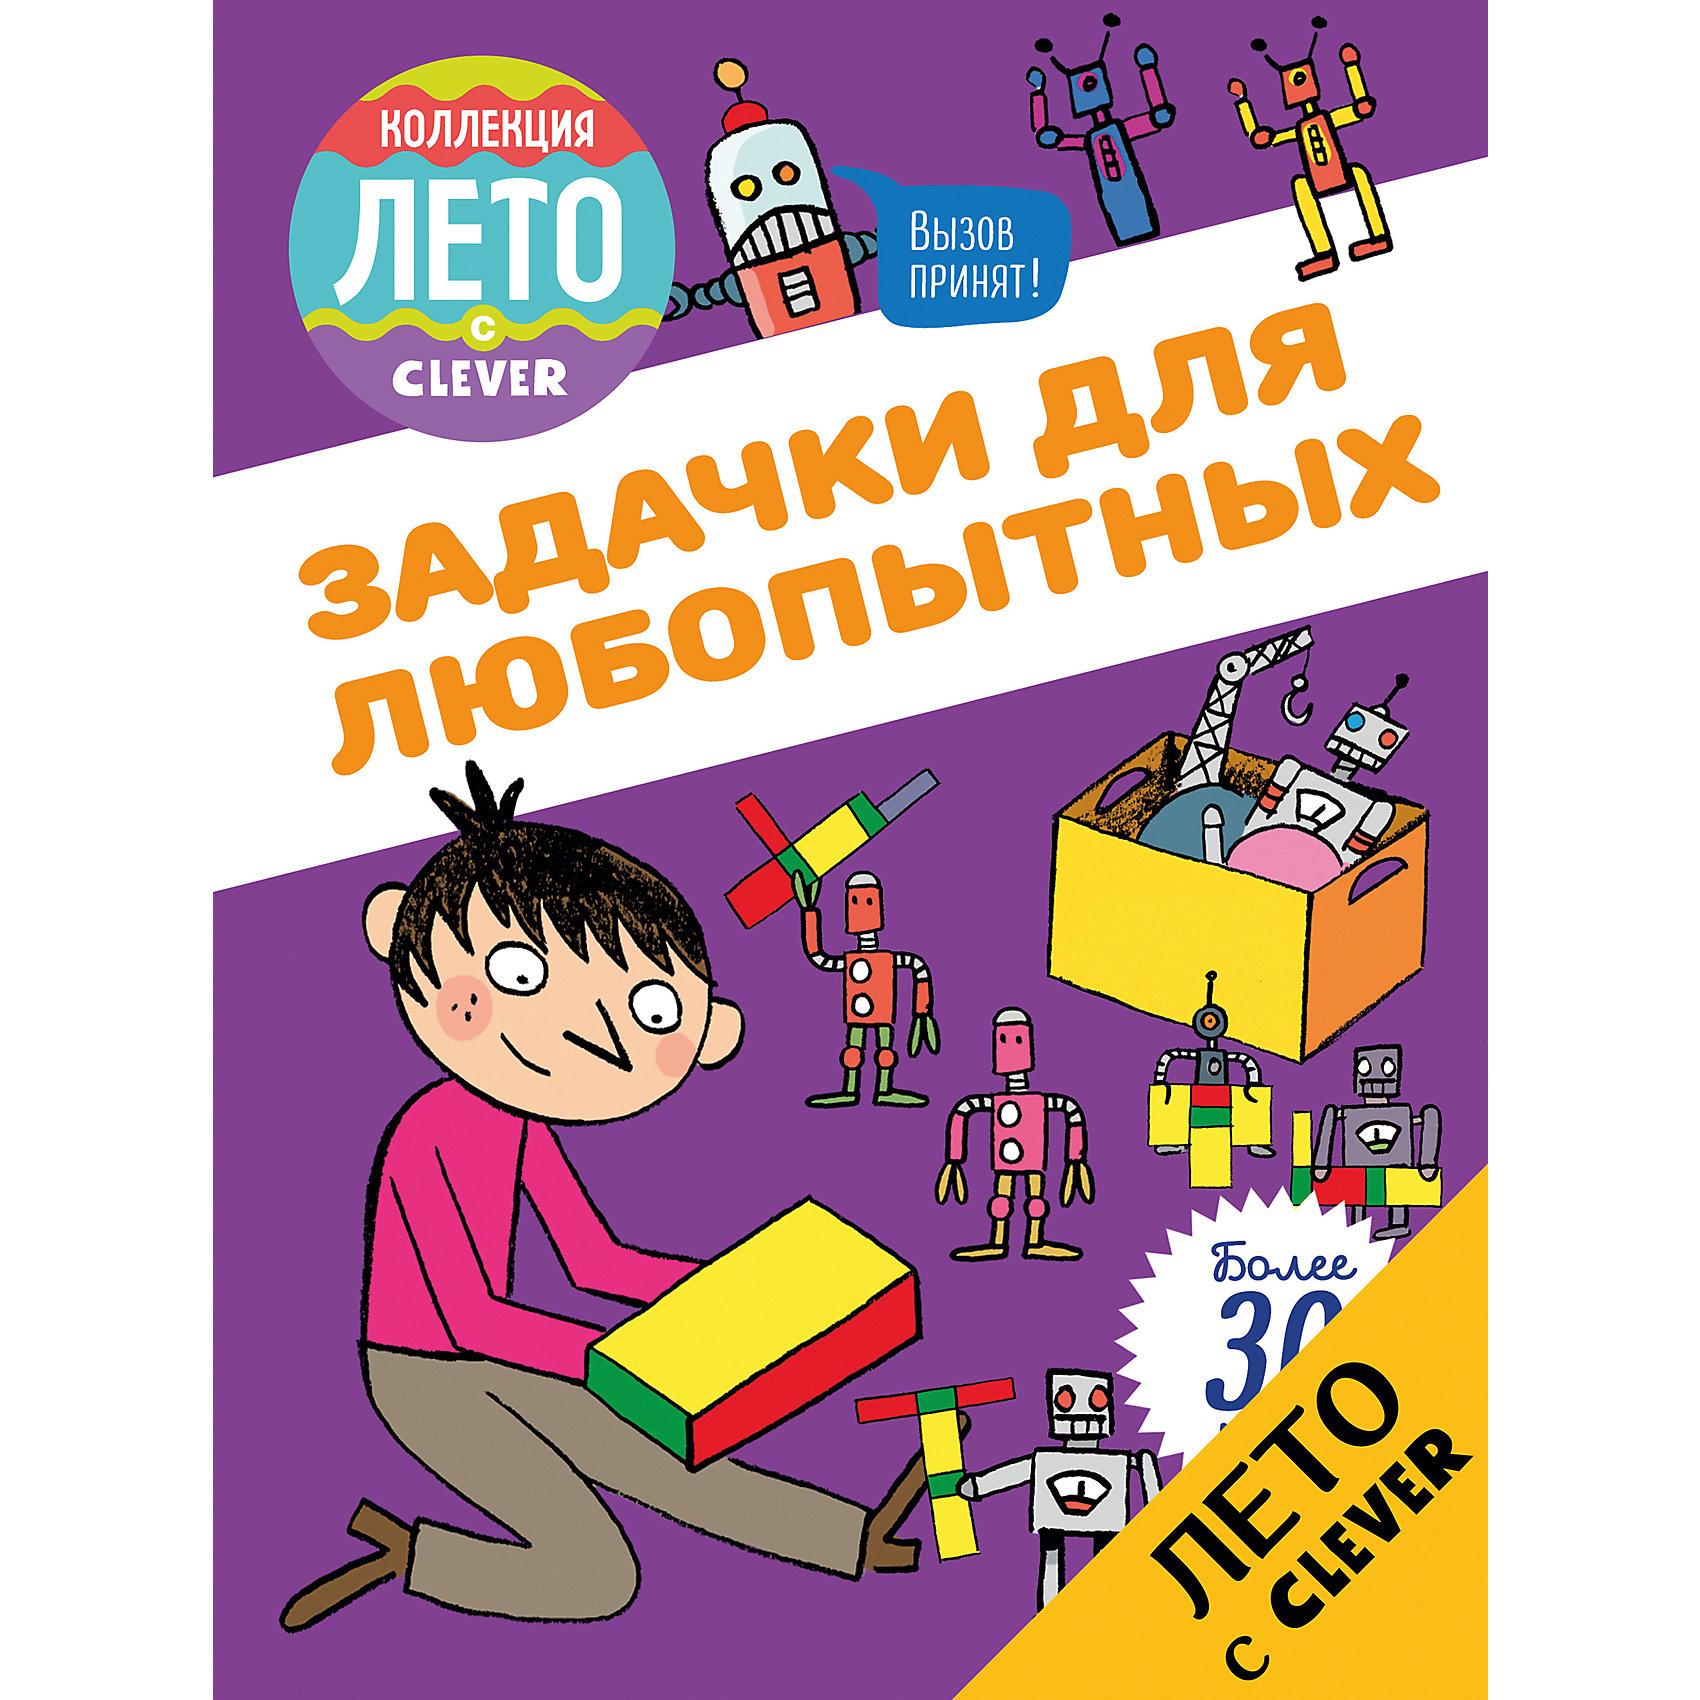 Задачки для любопытных, CleverТесты и задания<br>Характеристики товара:<br><br>• ISBN: 9785906929853;<br>• возраст: от 7 лет;<br>• формат: 70х100/16;<br>• бумага: офсет;<br>• тип обложки: мягкий переплет (крепление скрепкой или клеем);<br>• иллюстрации: цветные;<br>• серия: Возьми с собой в дорогу;<br>• коллекция: Лето;<br>• издательство: Клевер Медиа Групп, 2017 г.;<br>• автор: Мейер Орор;<br>• переводчик: Оксана Дереза;<br>• художник: Клинг Лоран;<br>• количество страниц: 48;<br>• размеры: 22х16,3х0,3 см;<br>• масса: 126 г.<br><br>Сборник игр «Задачки для любопытных» подходит для мальчиков и девочек от 7 лет. В книге представлены более 30 заданий, которые детям необходимо выполнить, чтобы помочь профессору запустить изобретенный механизм. Интересный кроссворд, логические задания и зашифрованные послания надолго увлекут ребят. <br>Сборник удобного формата можно брать с собой в путешествия.<br>Увлекательные задания тренируют логику, мышление, память и сообразительность. В конце книги есть ответы для проверки.<br>Книгу «Задачки для любопытных», Клевер Медиа Групп, Мейер Орор, можно купить в нашем интернет-магазине.<br><br>Ширина мм: 220<br>Глубина мм: 168<br>Высота мм: 80<br>Вес г: 128<br>Возраст от месяцев: 84<br>Возраст до месяцев: 132<br>Пол: Унисекс<br>Возраст: Детский<br>SKU: 6709188